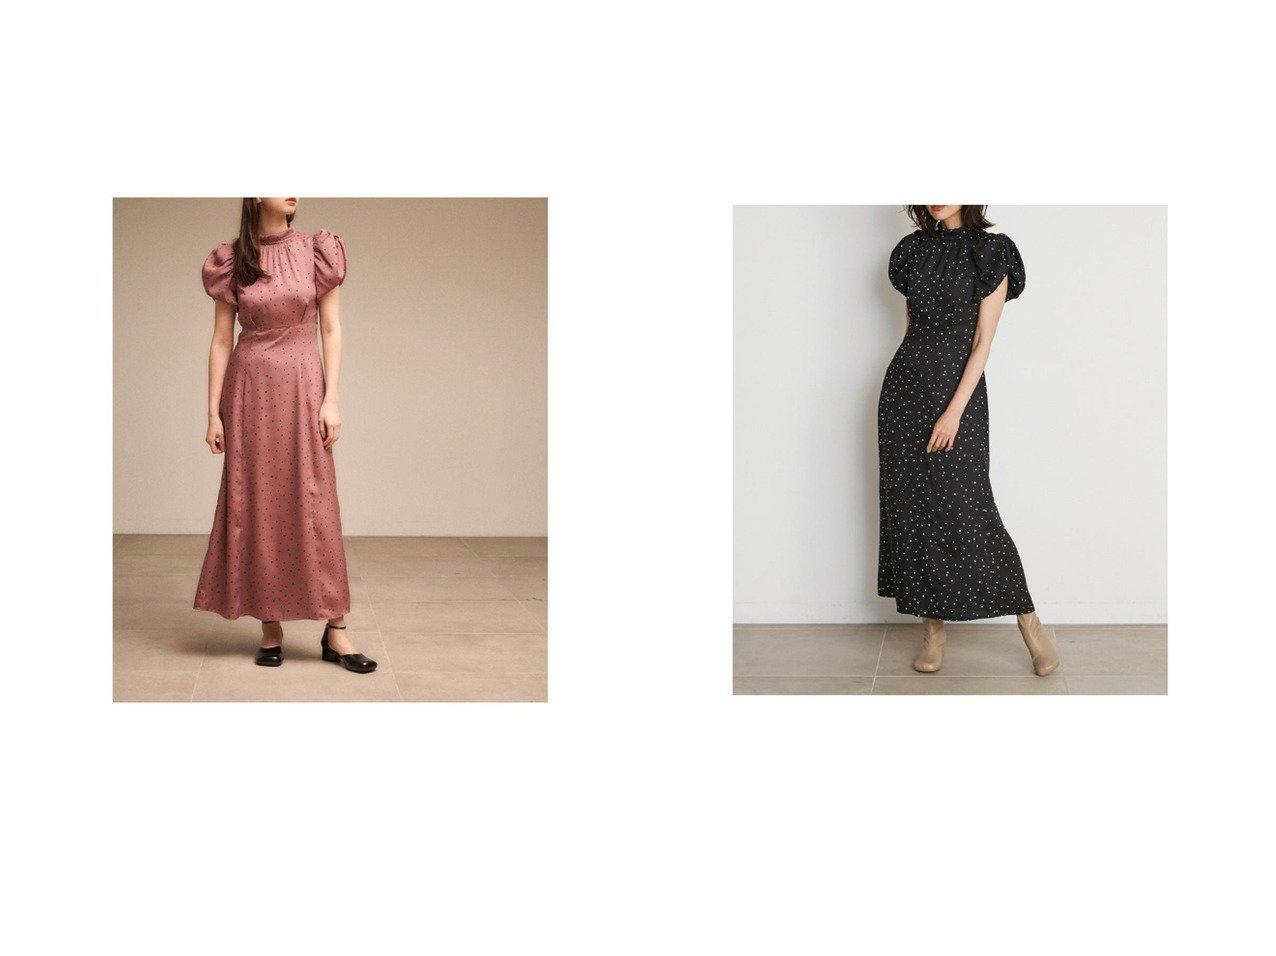 【SNIDEL/スナイデル】のSustainableギャザーパフスリワンピース 【ワンピース・ドレス】おすすめ!人気、トレンド・レディースファッションの通販 おすすめで人気の流行・トレンド、ファッションの通販商品 インテリア・家具・メンズファッション・キッズファッション・レディースファッション・服の通販 founy(ファニー) https://founy.com/ ファッション Fashion レディースファッション WOMEN ワンピース Dress ギャザー スタンド スマート スリーブ ツイル ロング A/W・秋冬 AW・Autumn/Winter・FW・Fall-Winter 2021年 2021 2021-2022秋冬・A/W AW・Autumn/Winter・FW・Fall-Winter・2021-2022  ID:crp329100000067392